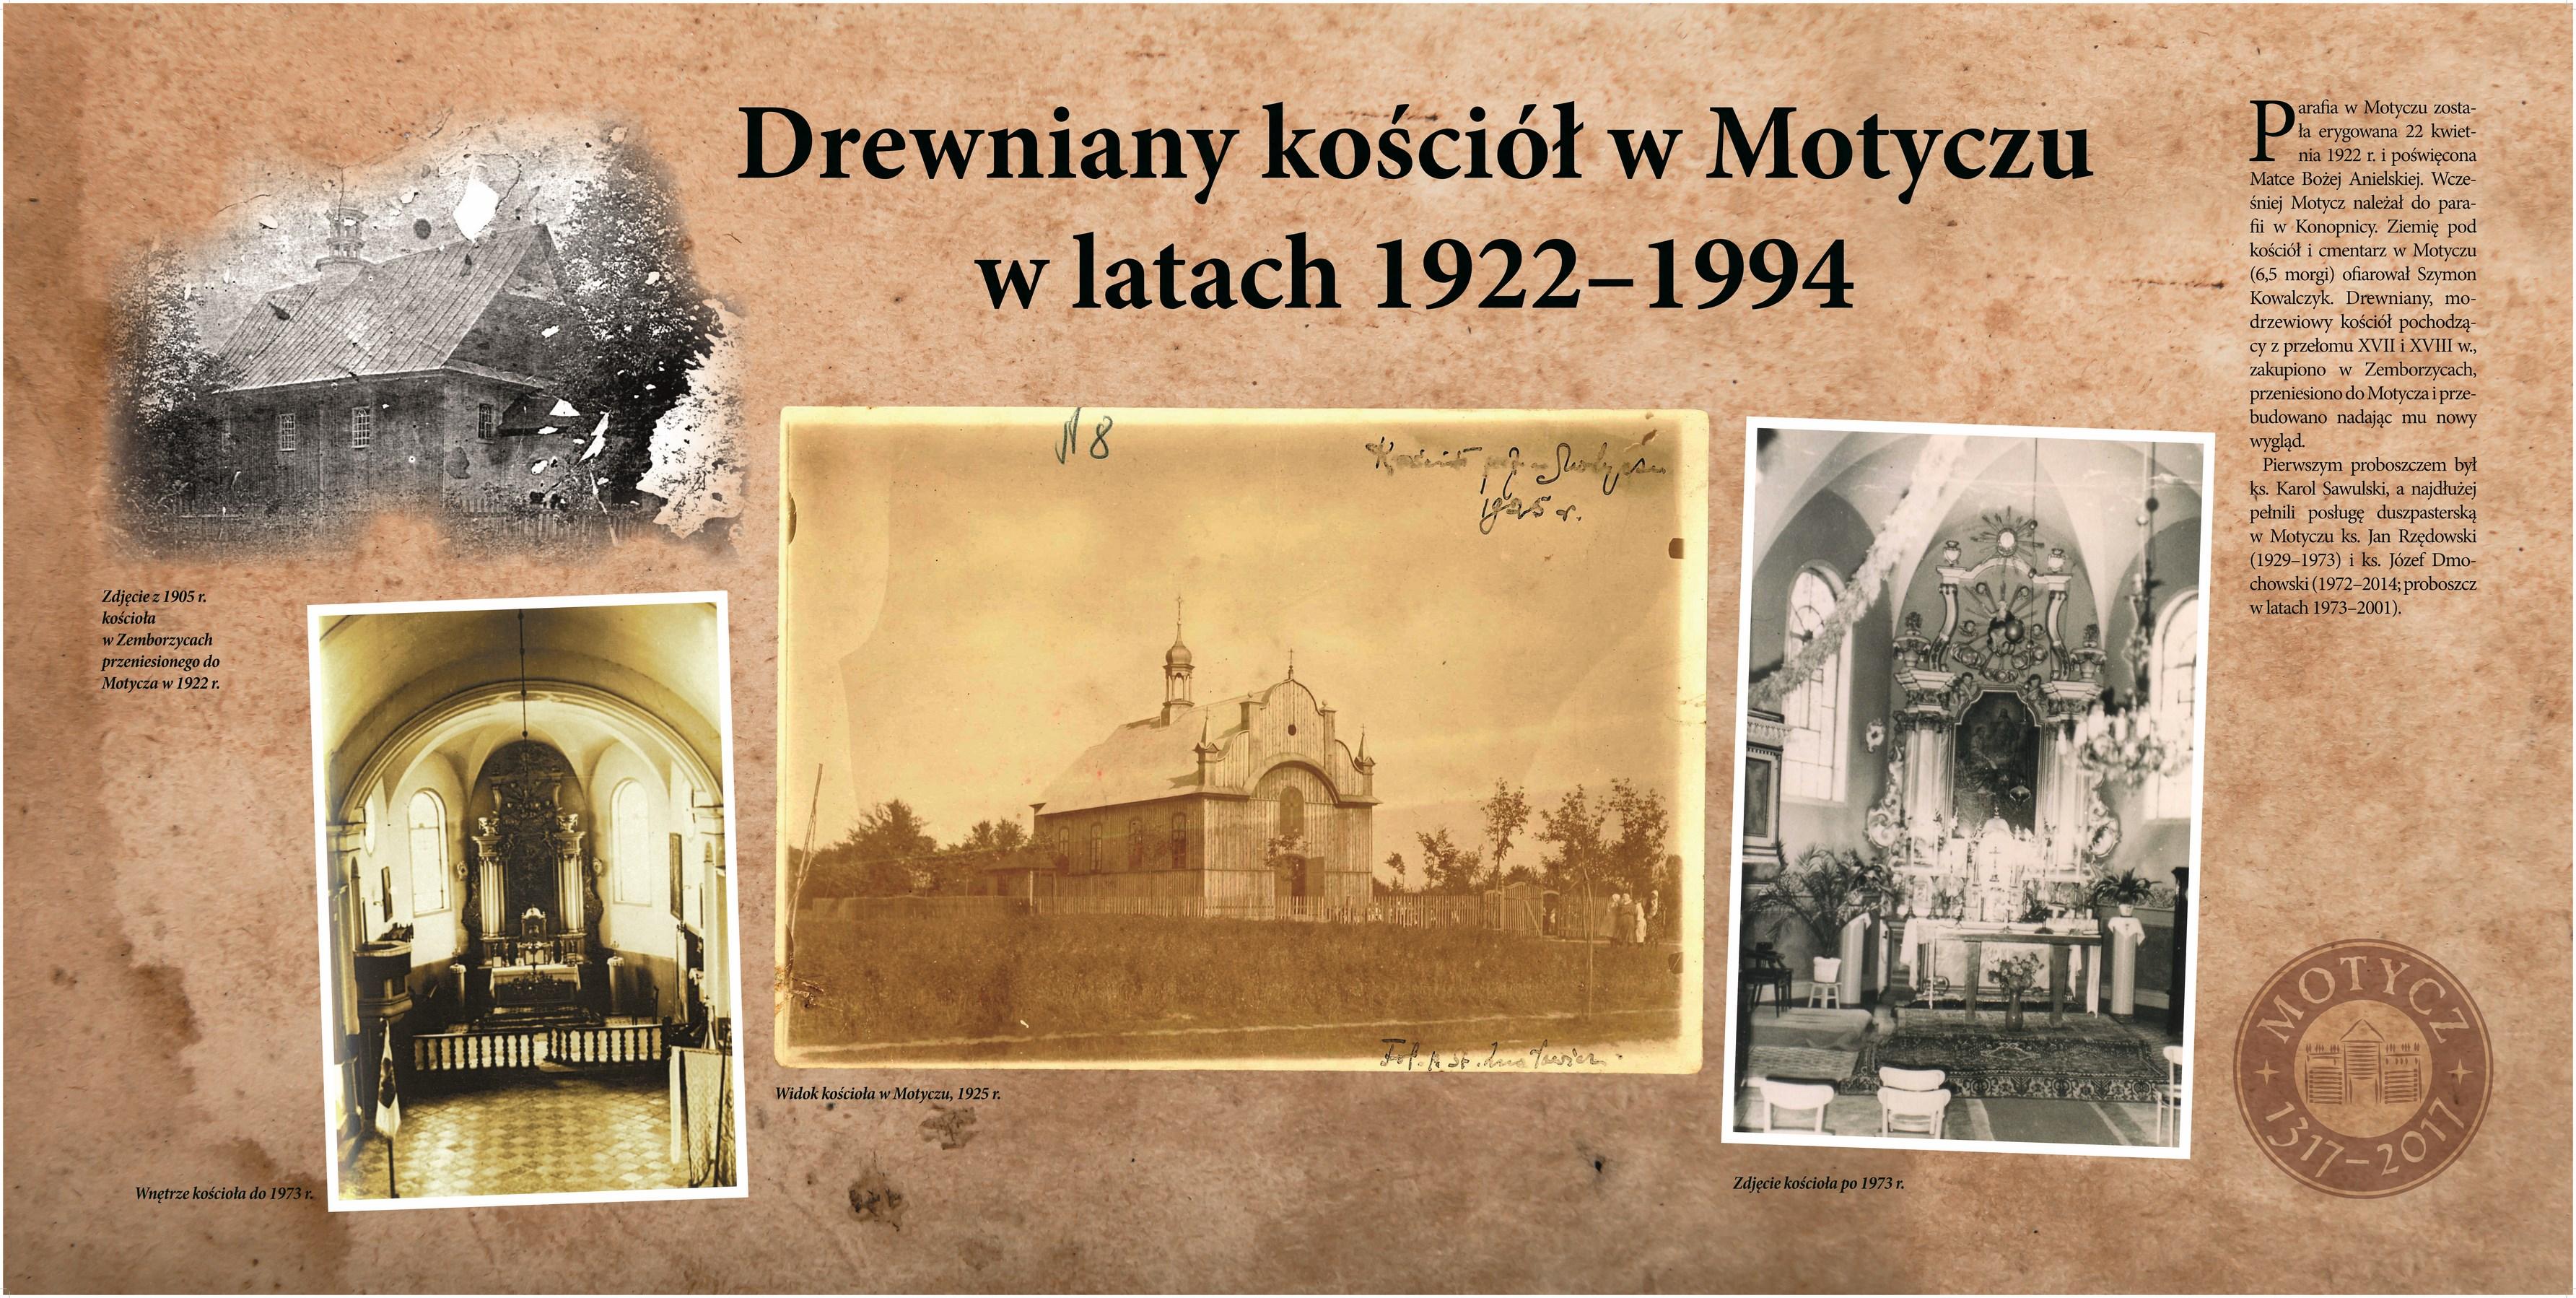 Drewniany Kościół w Motyczu